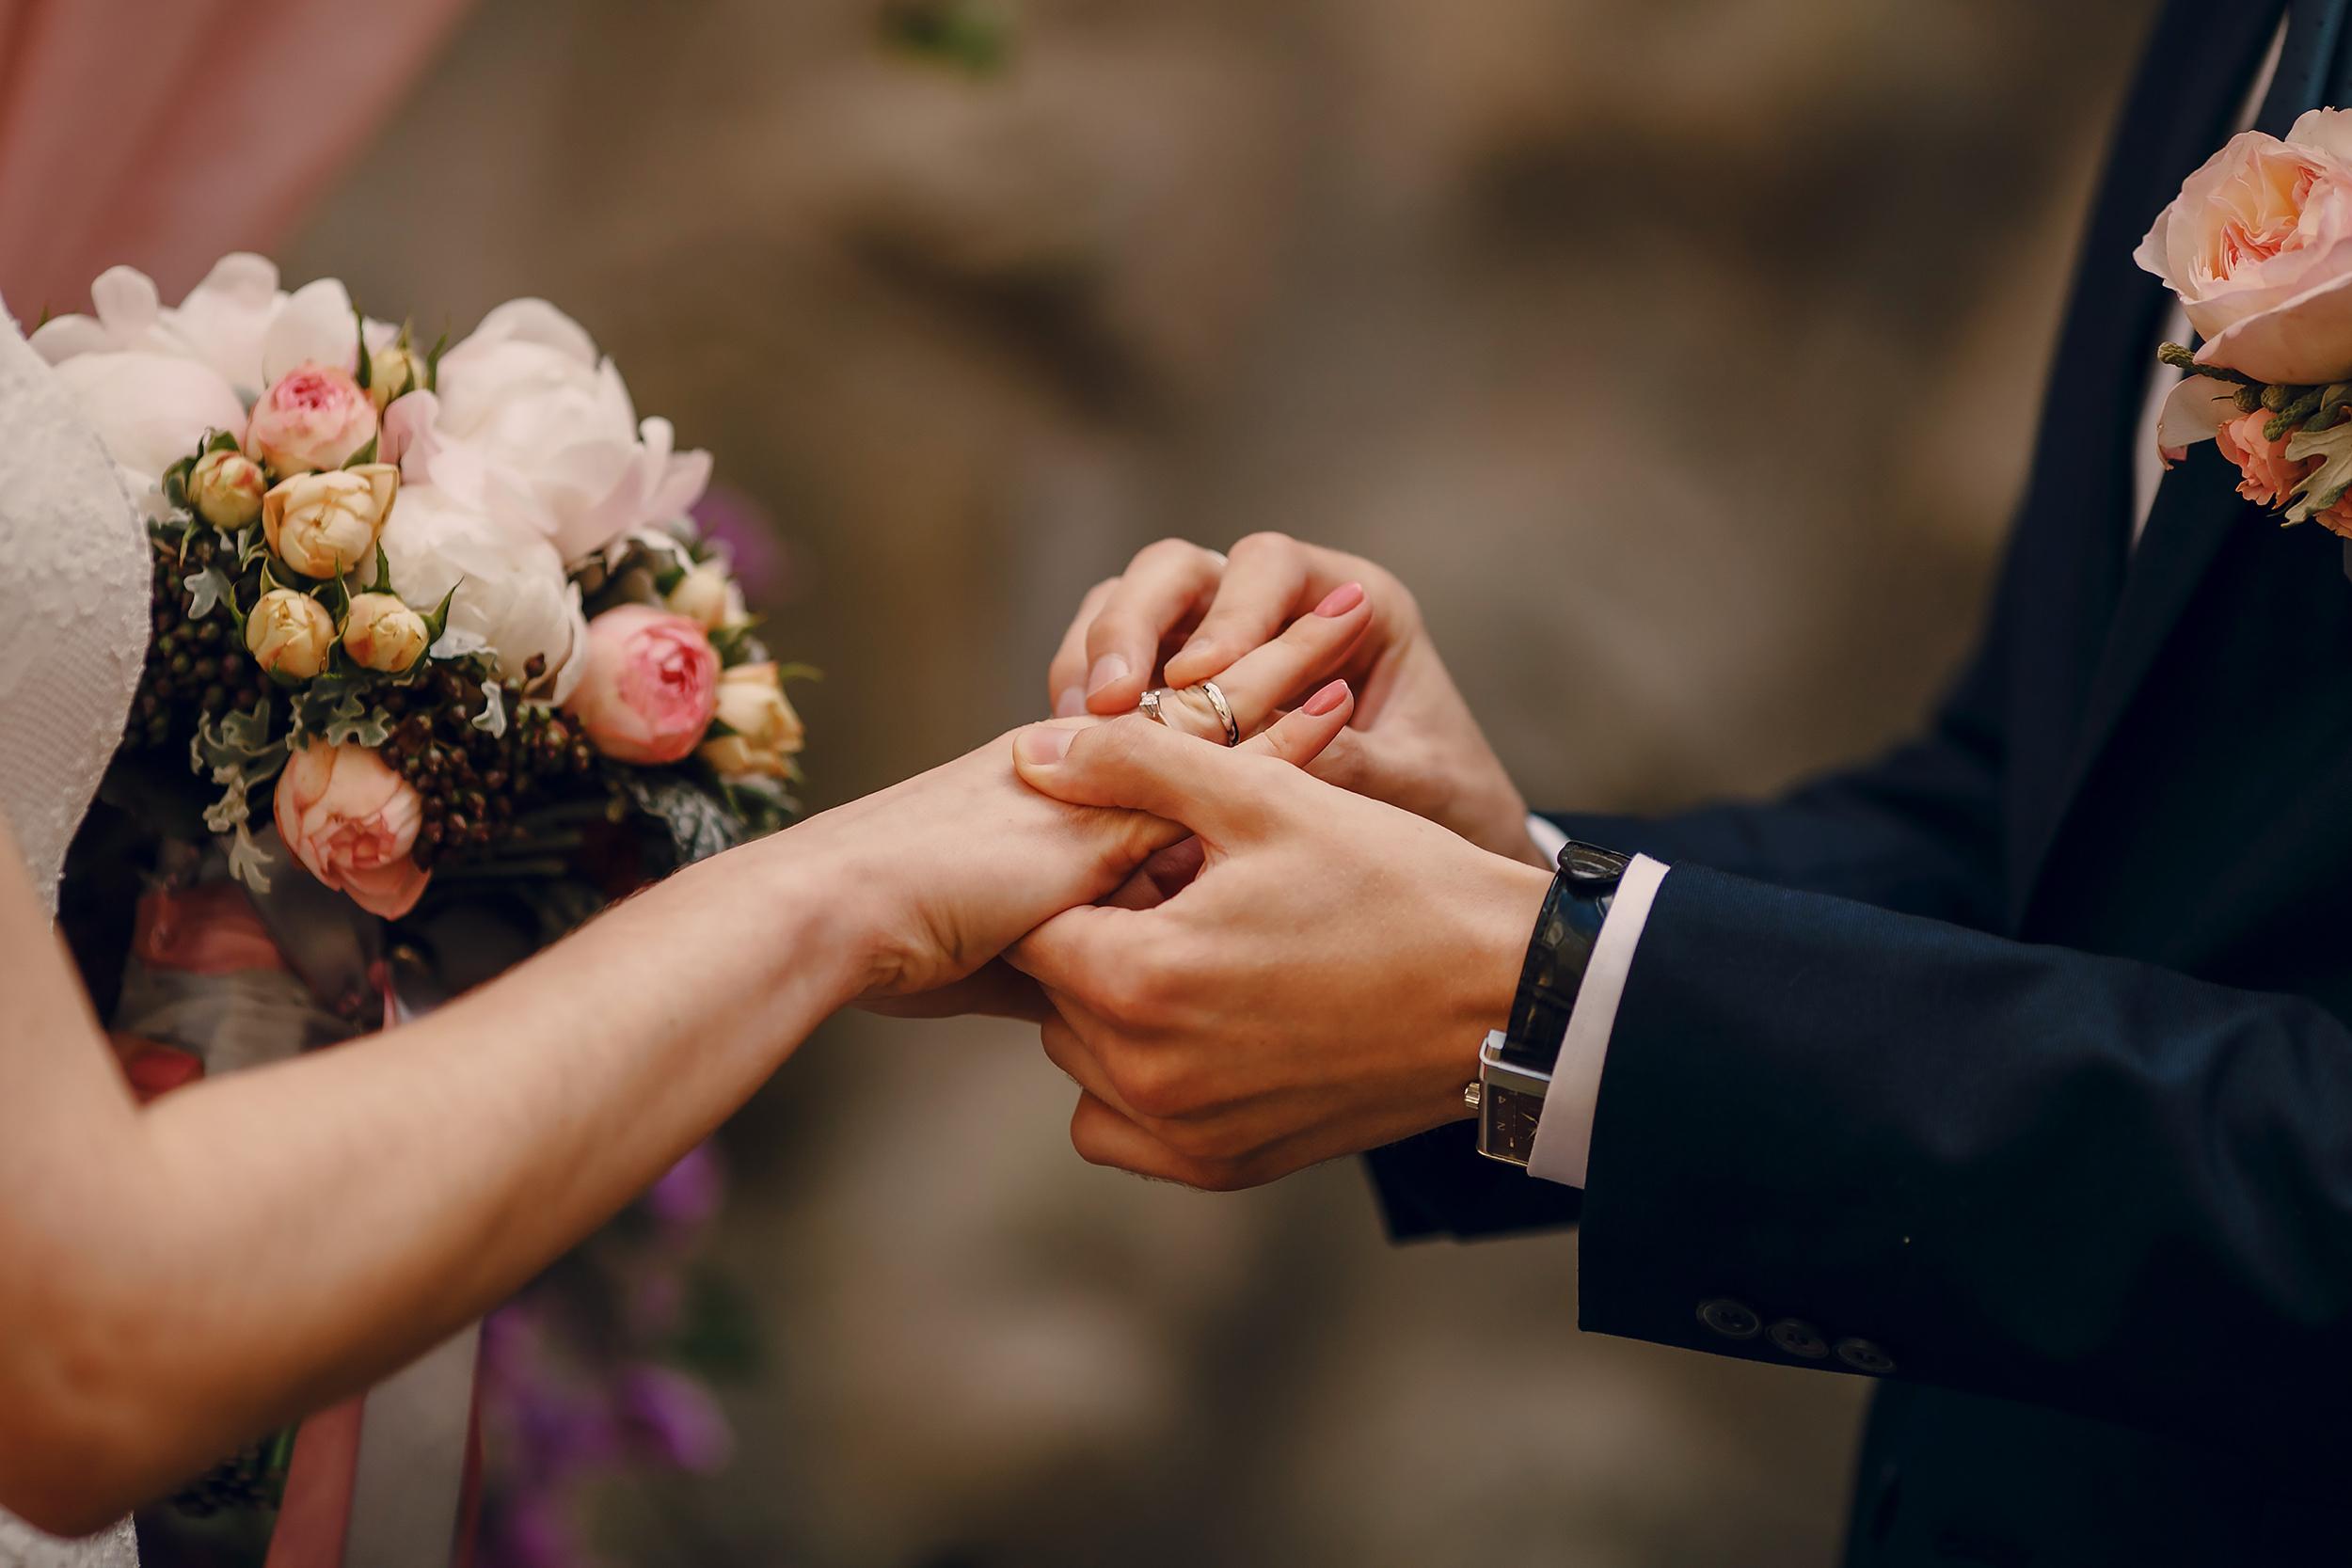 en qué dedo va el anillo de matrimonio